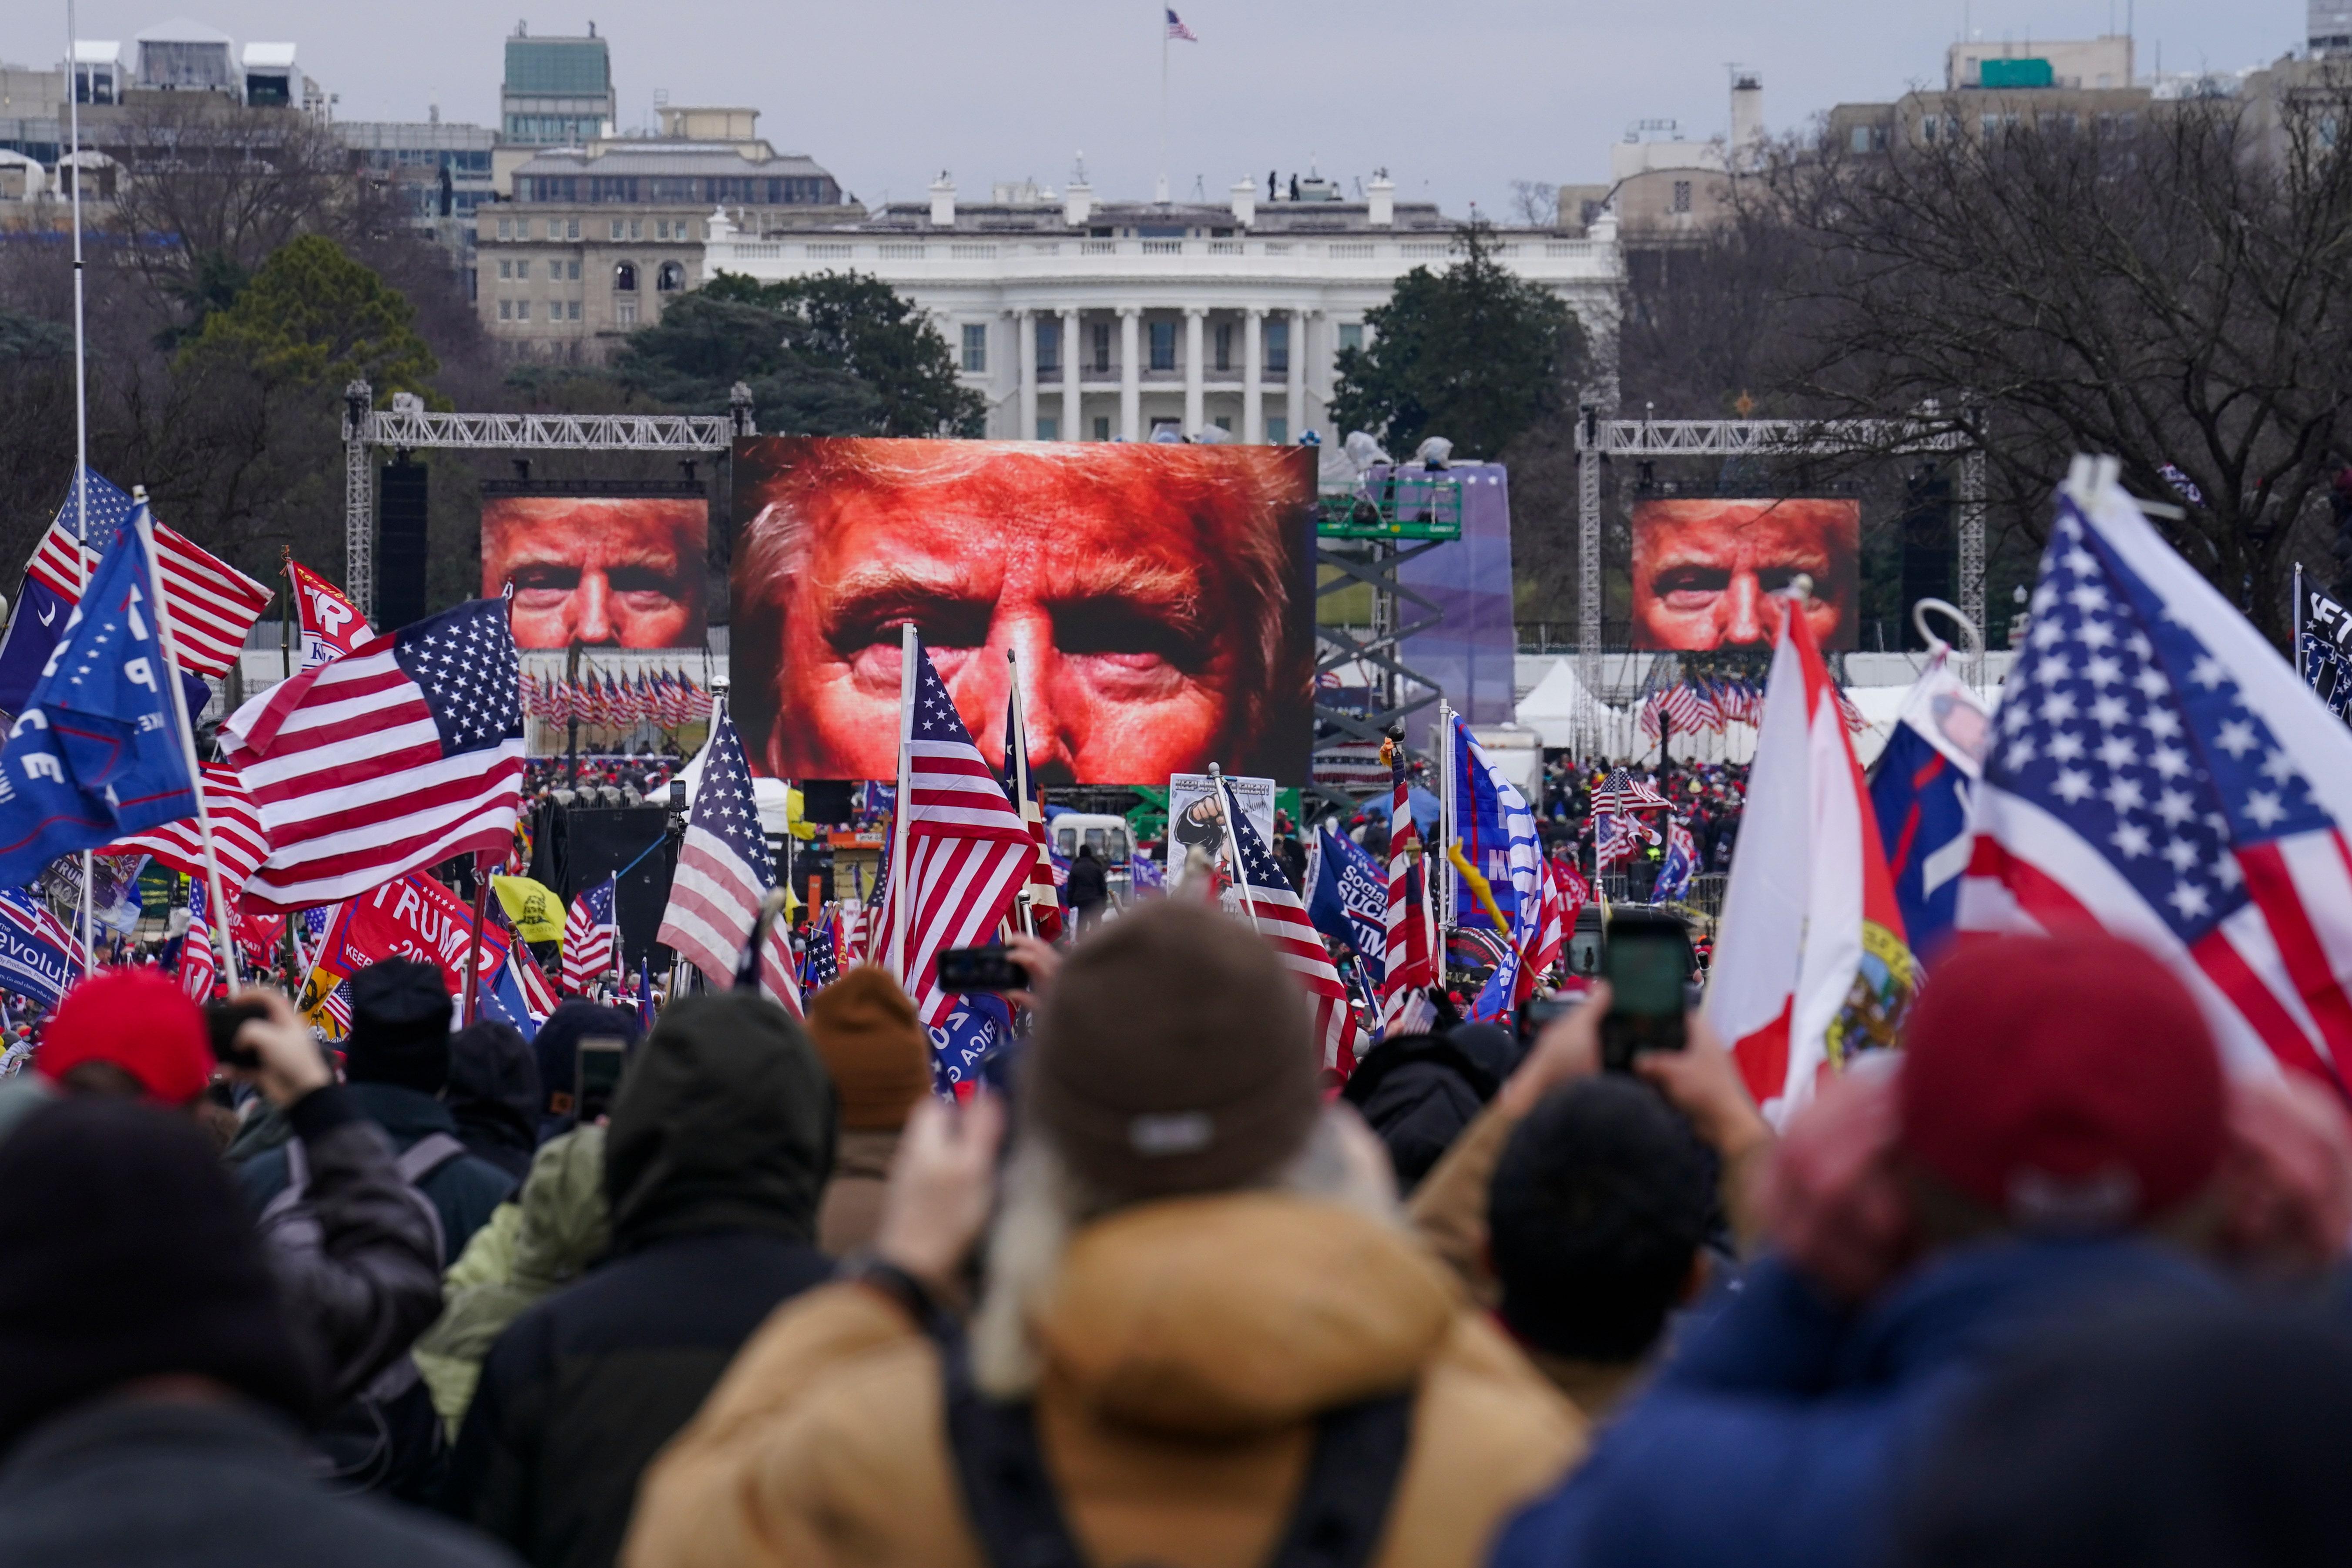 www.foxnews.com